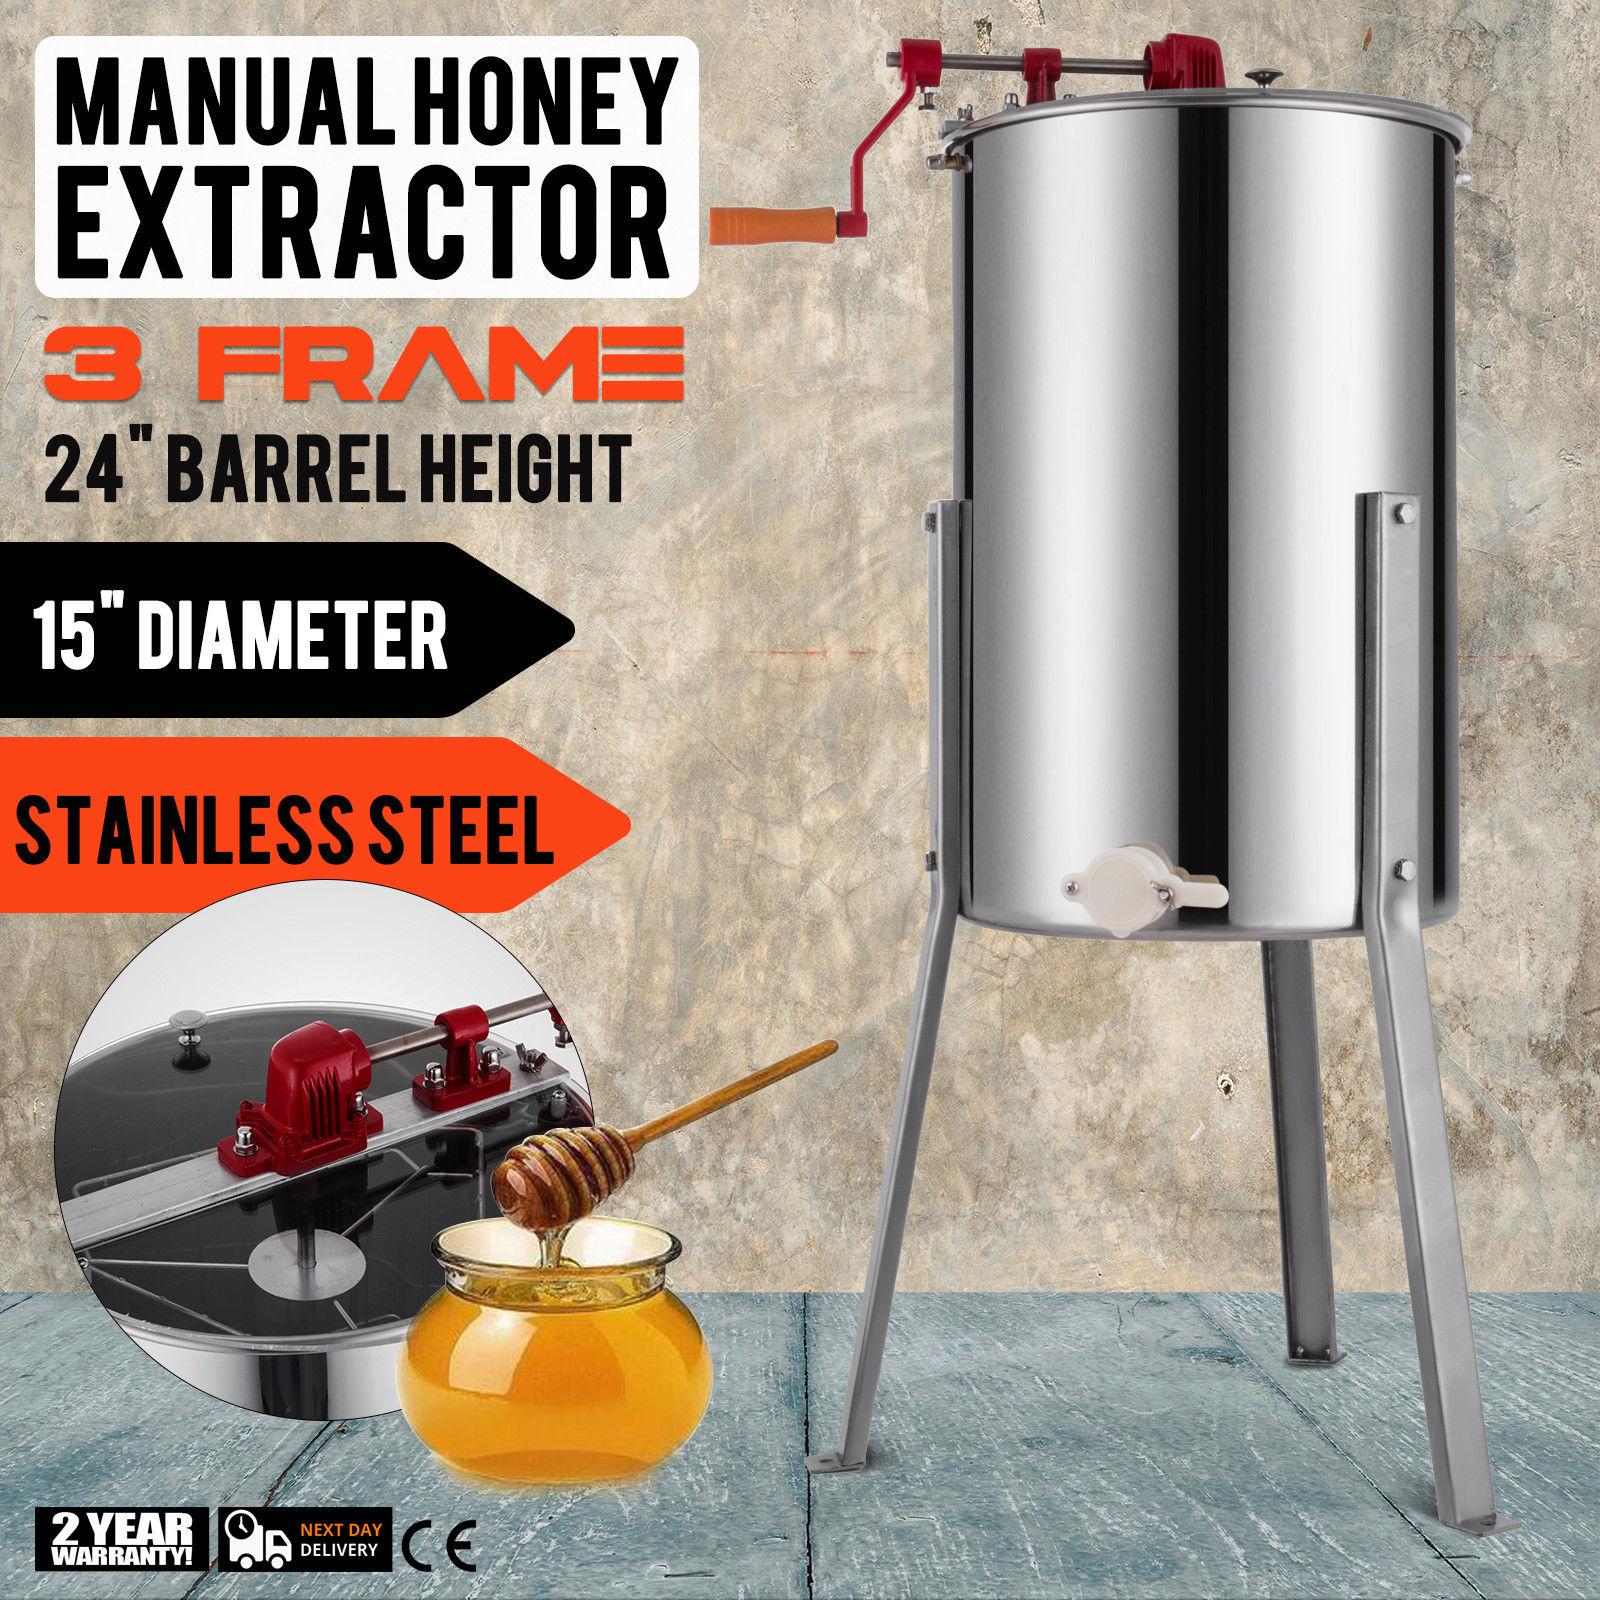 Extractor de miel Manual, Extractor de abeja de 3 Marcos, Spinner de miel de acero inoxidable